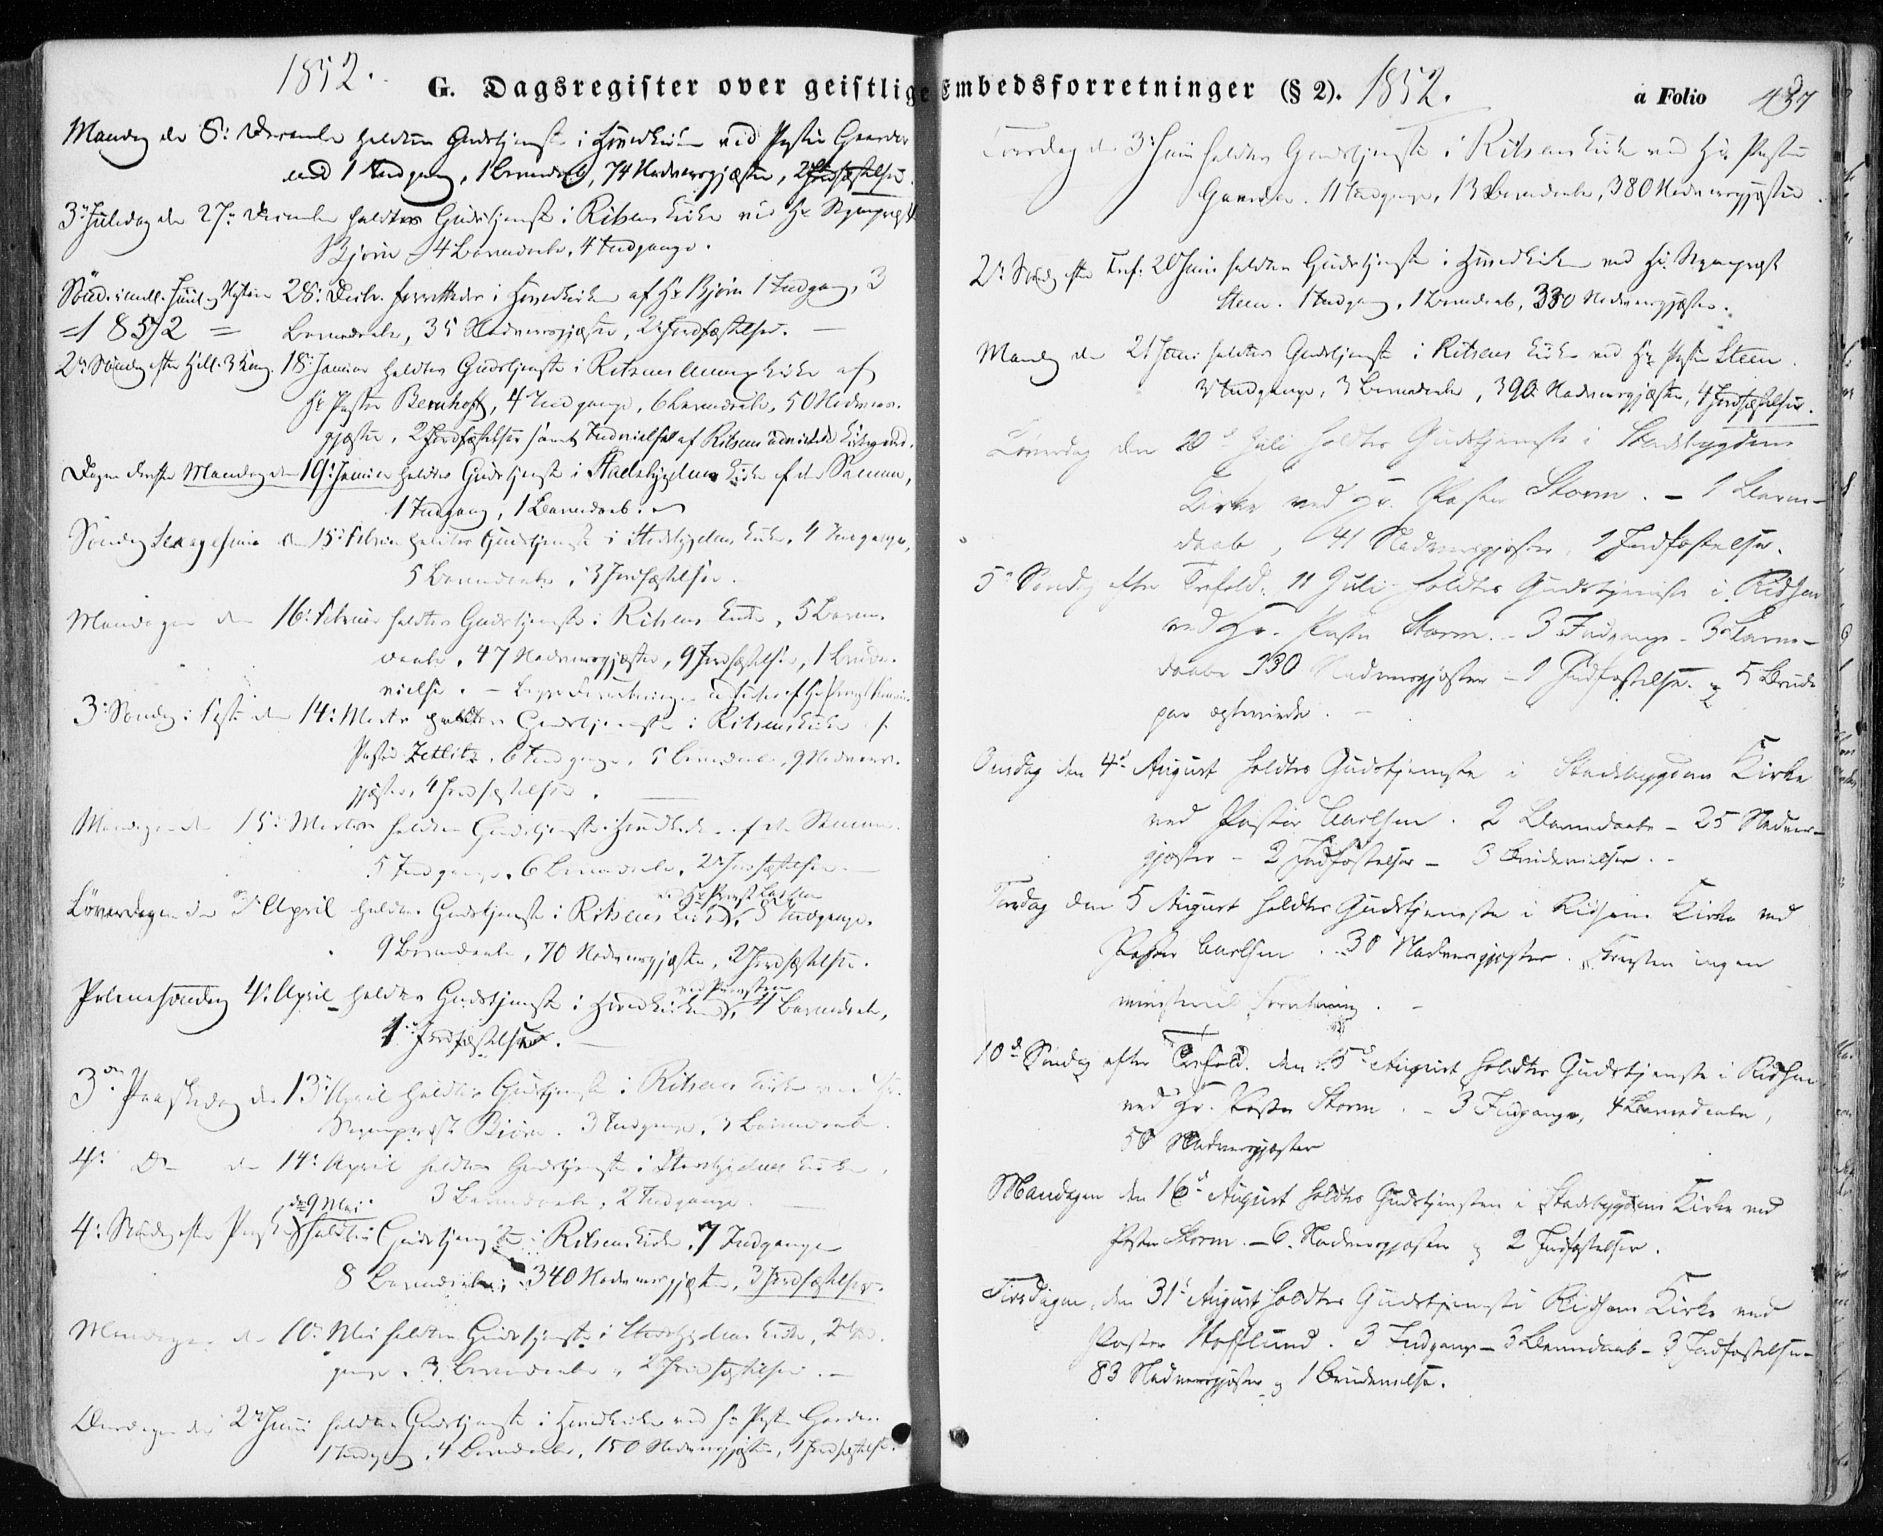 SAT, Ministerialprotokoller, klokkerbøker og fødselsregistre - Sør-Trøndelag, 646/L0611: Ministerialbok nr. 646A09, 1848-1857, s. 457